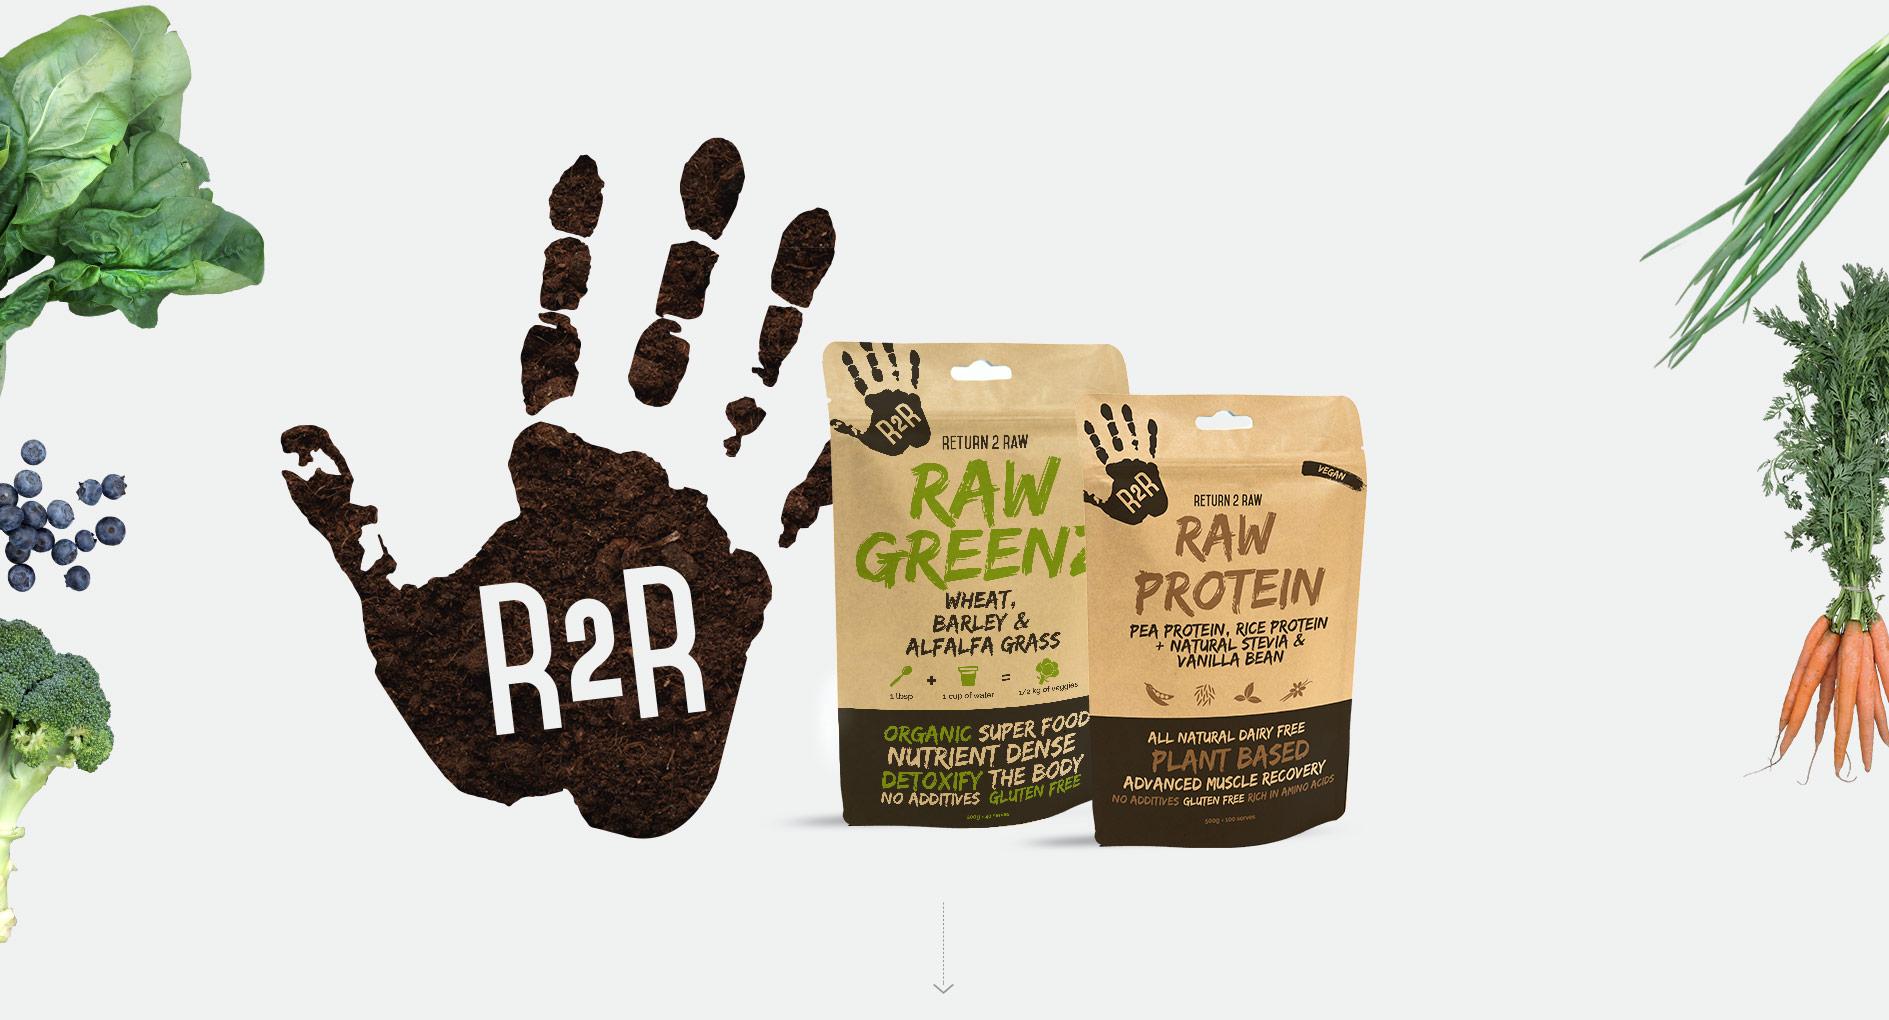 Return2Raw Packaging